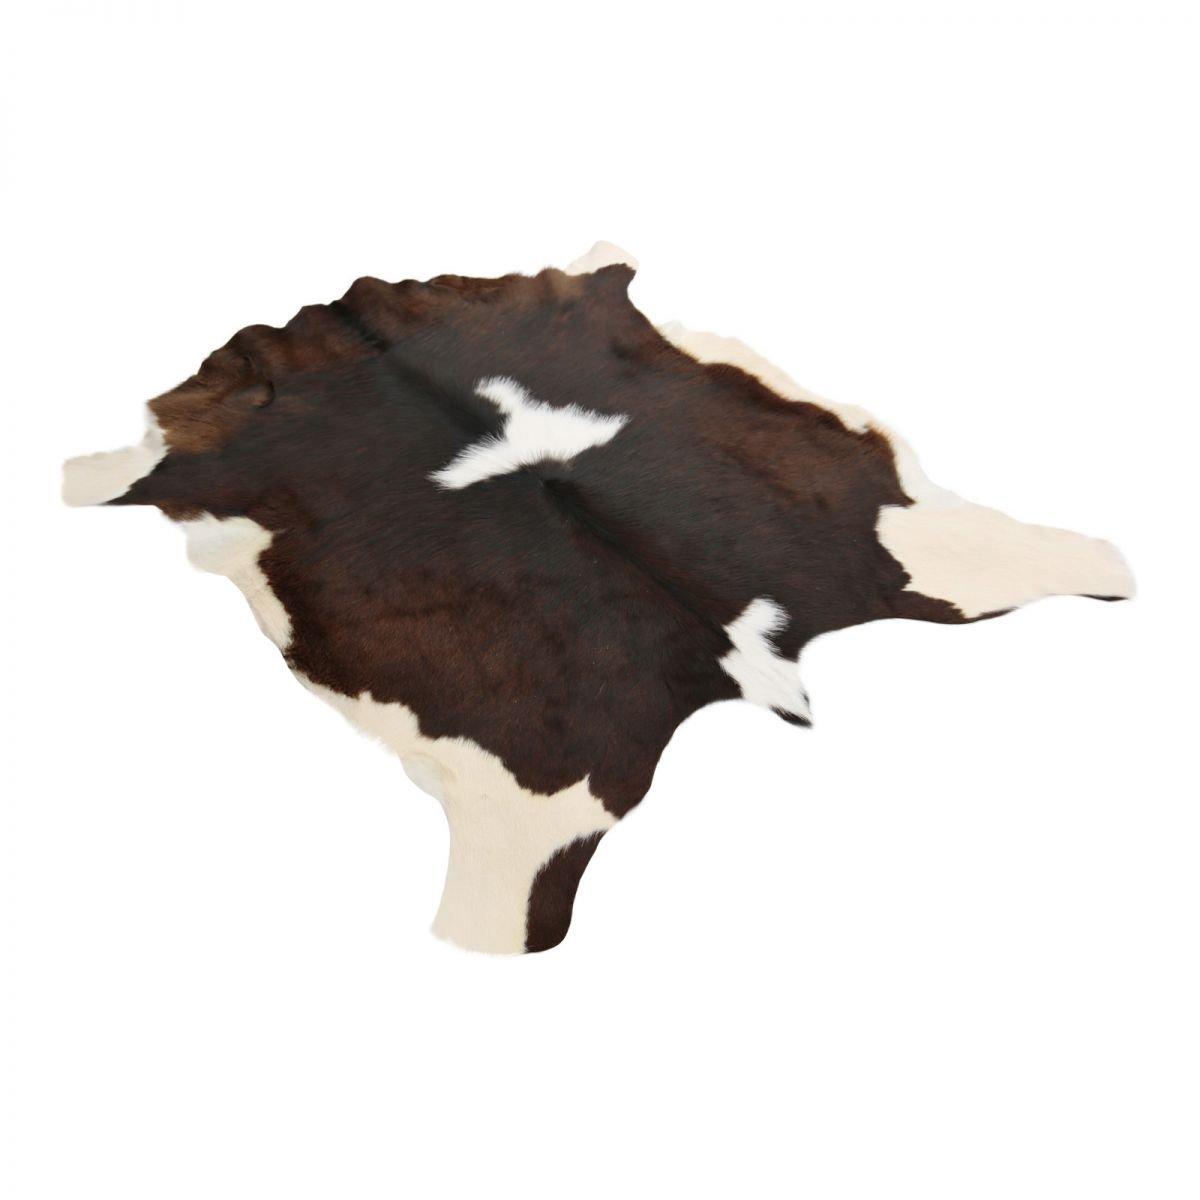 Kalbsfell handsortiert Qualitätsfell aus Südamerika Qualitätsfell handsortiert Unikat Größe 120-130, Farbe Braun Weiß e1767e